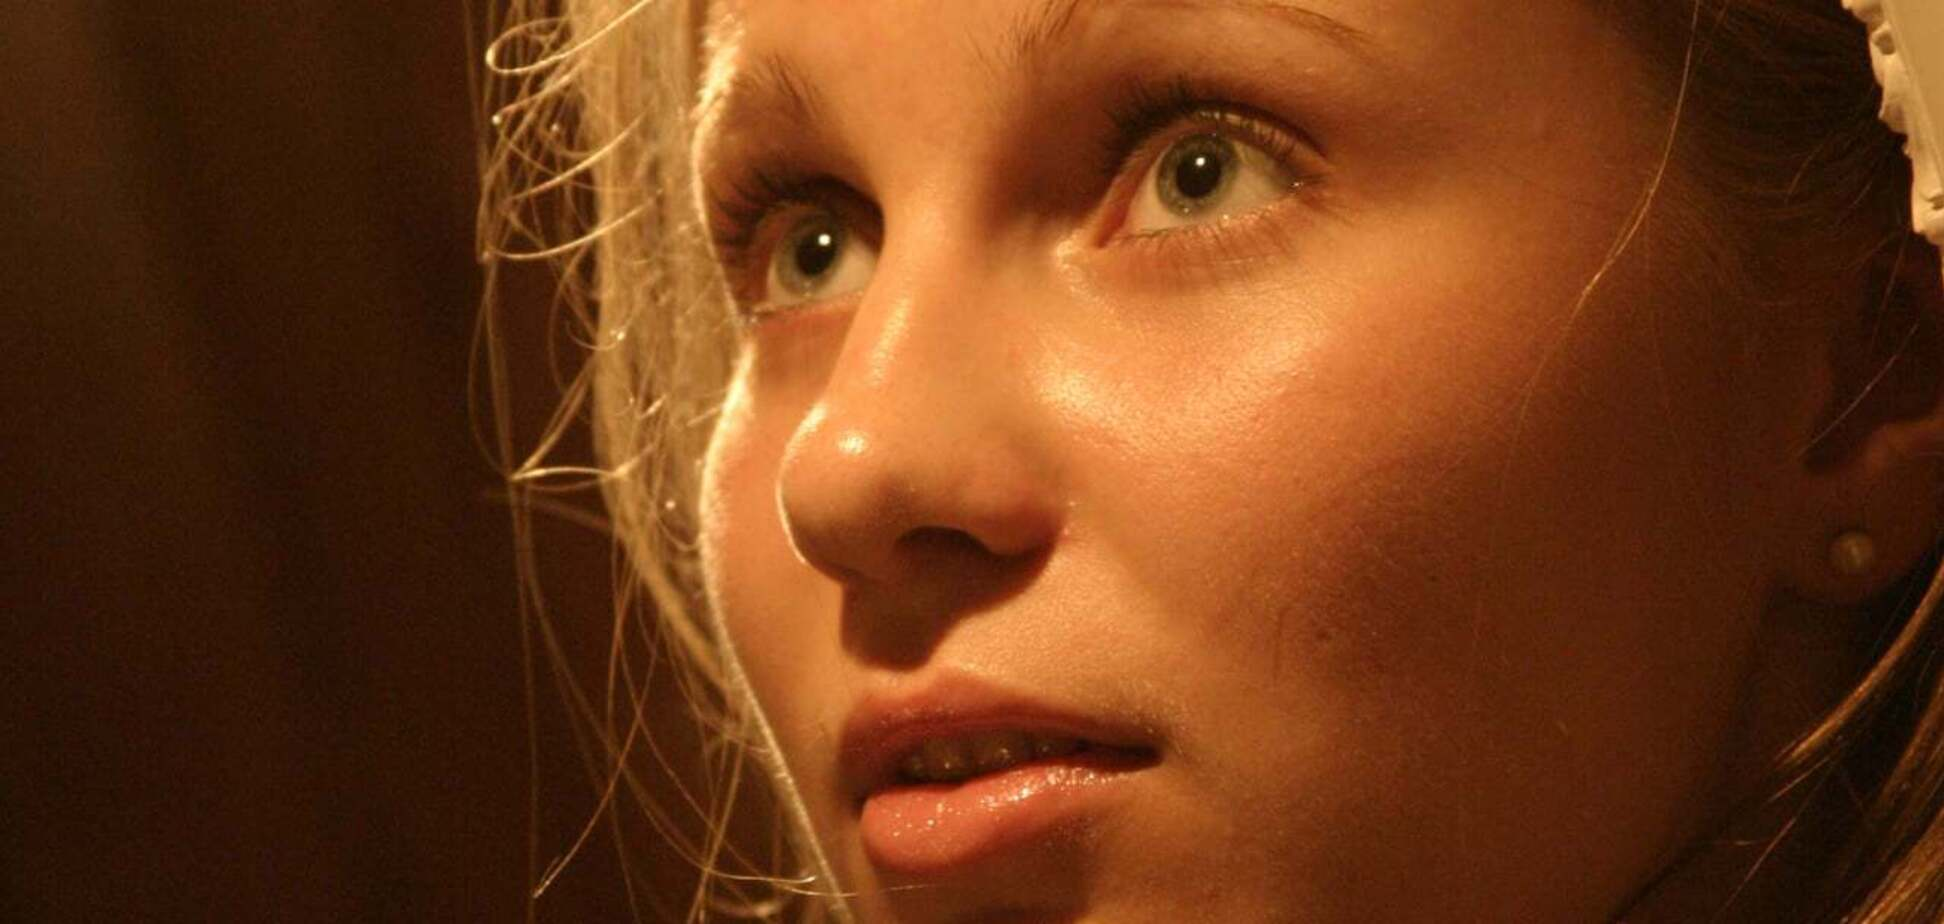 Жертва Ктиторчука публічно поділилася подробицями зґвалтування